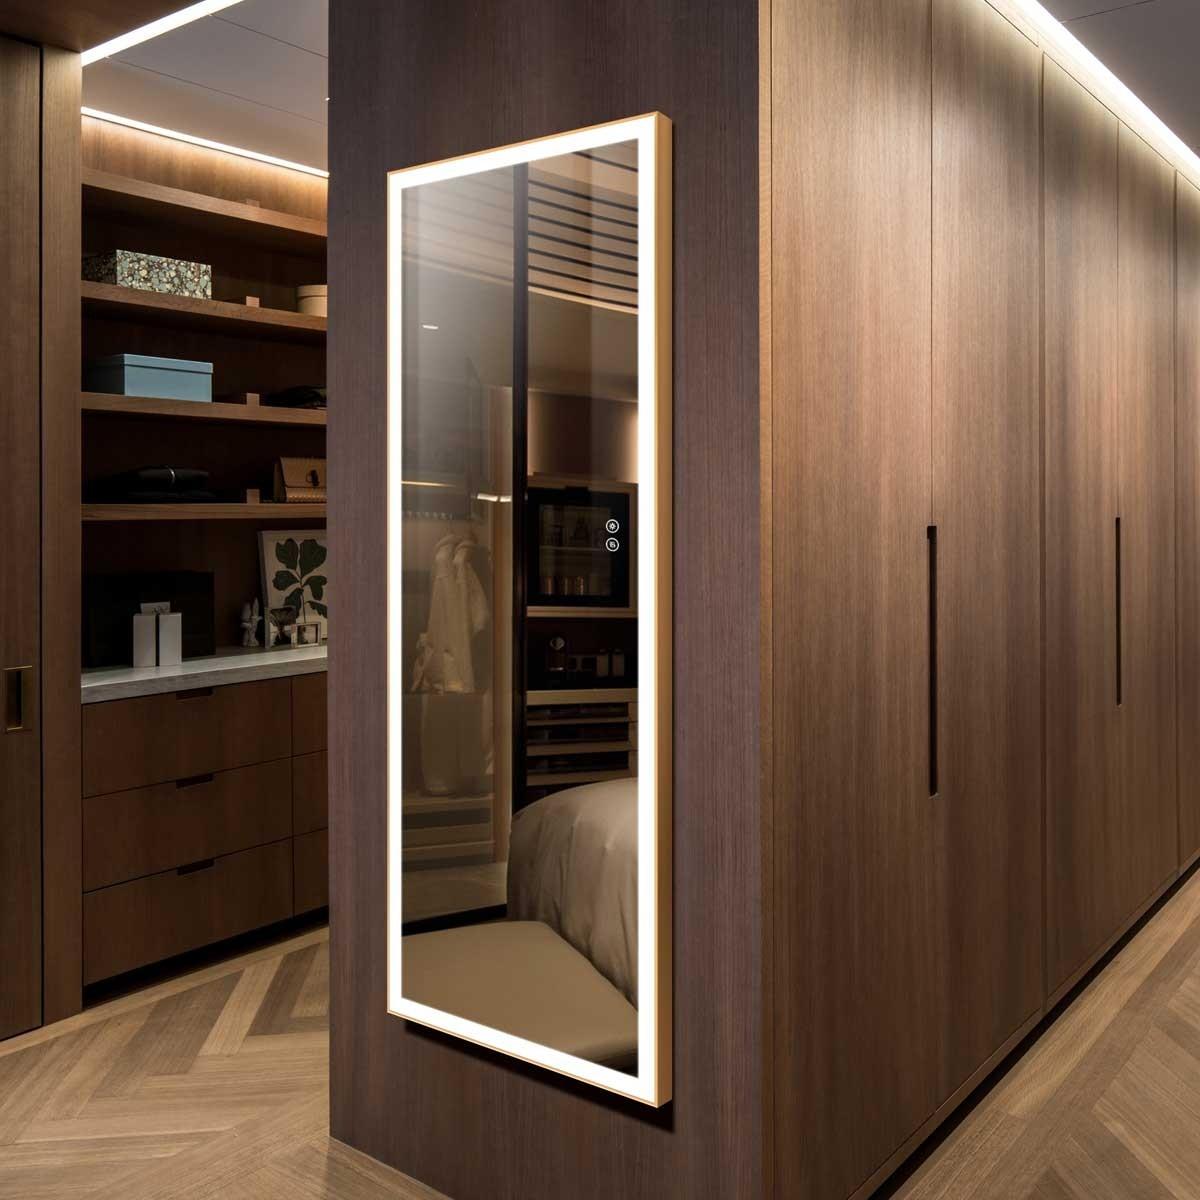 DECORAPORT 64 x 24 Po Miroir Chambre LED Pleine Longueur avec Bouton Tactile, Dorée de Luxe Légère, Luminosité Réglable, Lumière Froid & Chaud (D1803-6424)